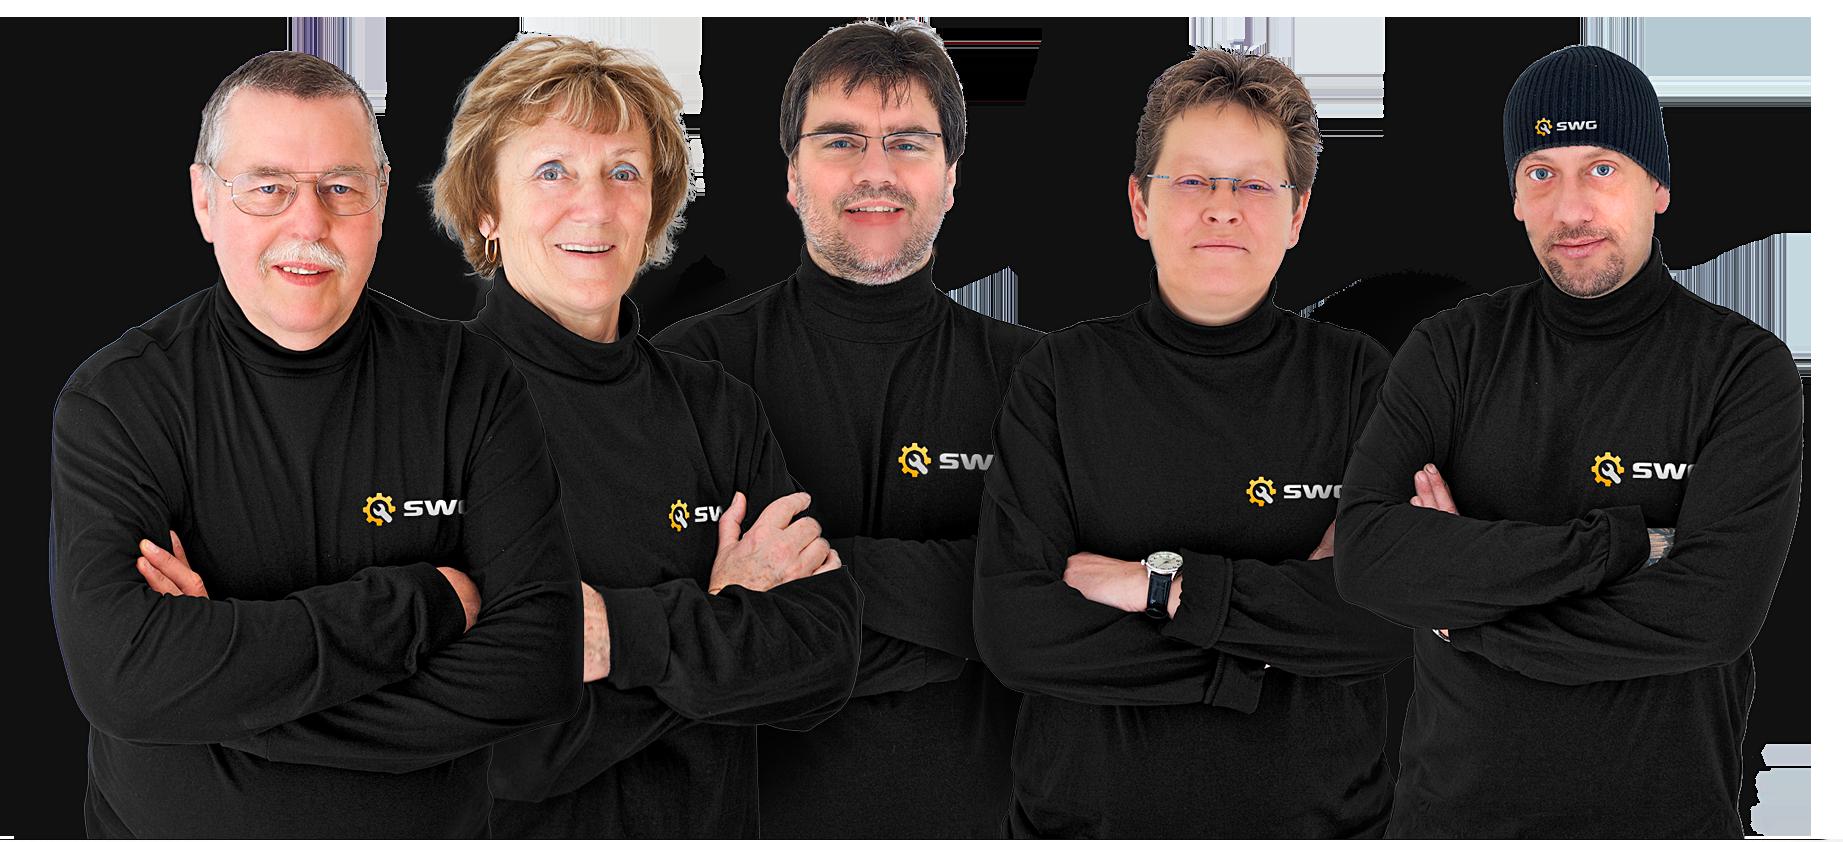 Servicewerkstatt für Gleisbaukleinmaschinen Teamfoto